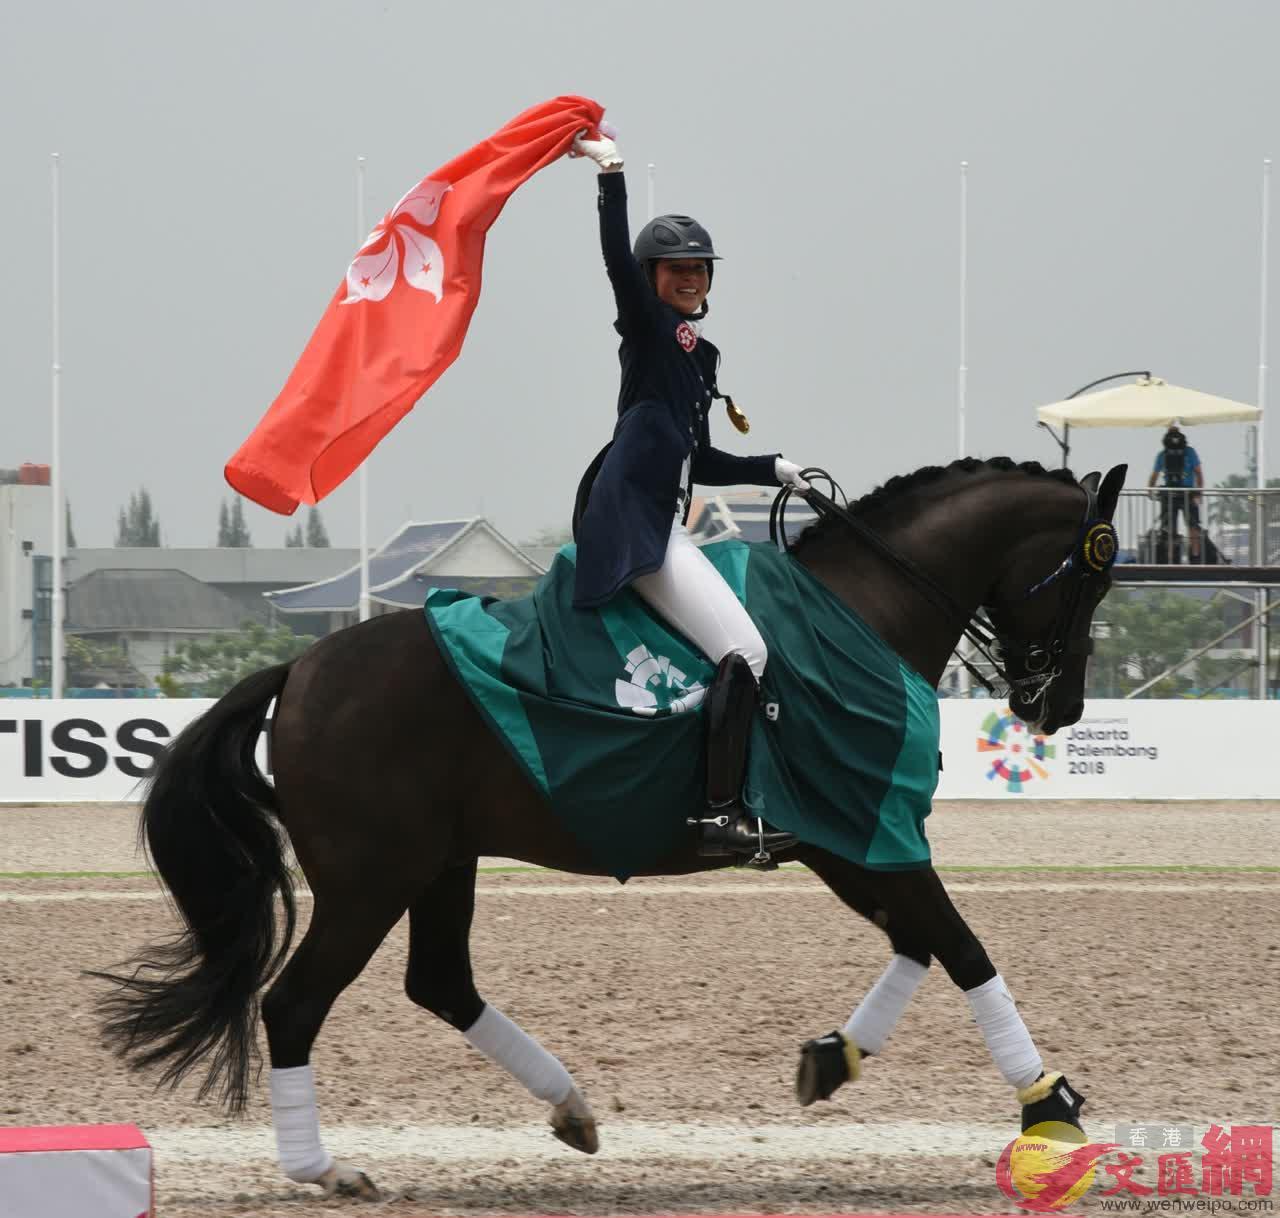 蕭頴瑩手持區旗與她的夥伴一同揚奔慶祝